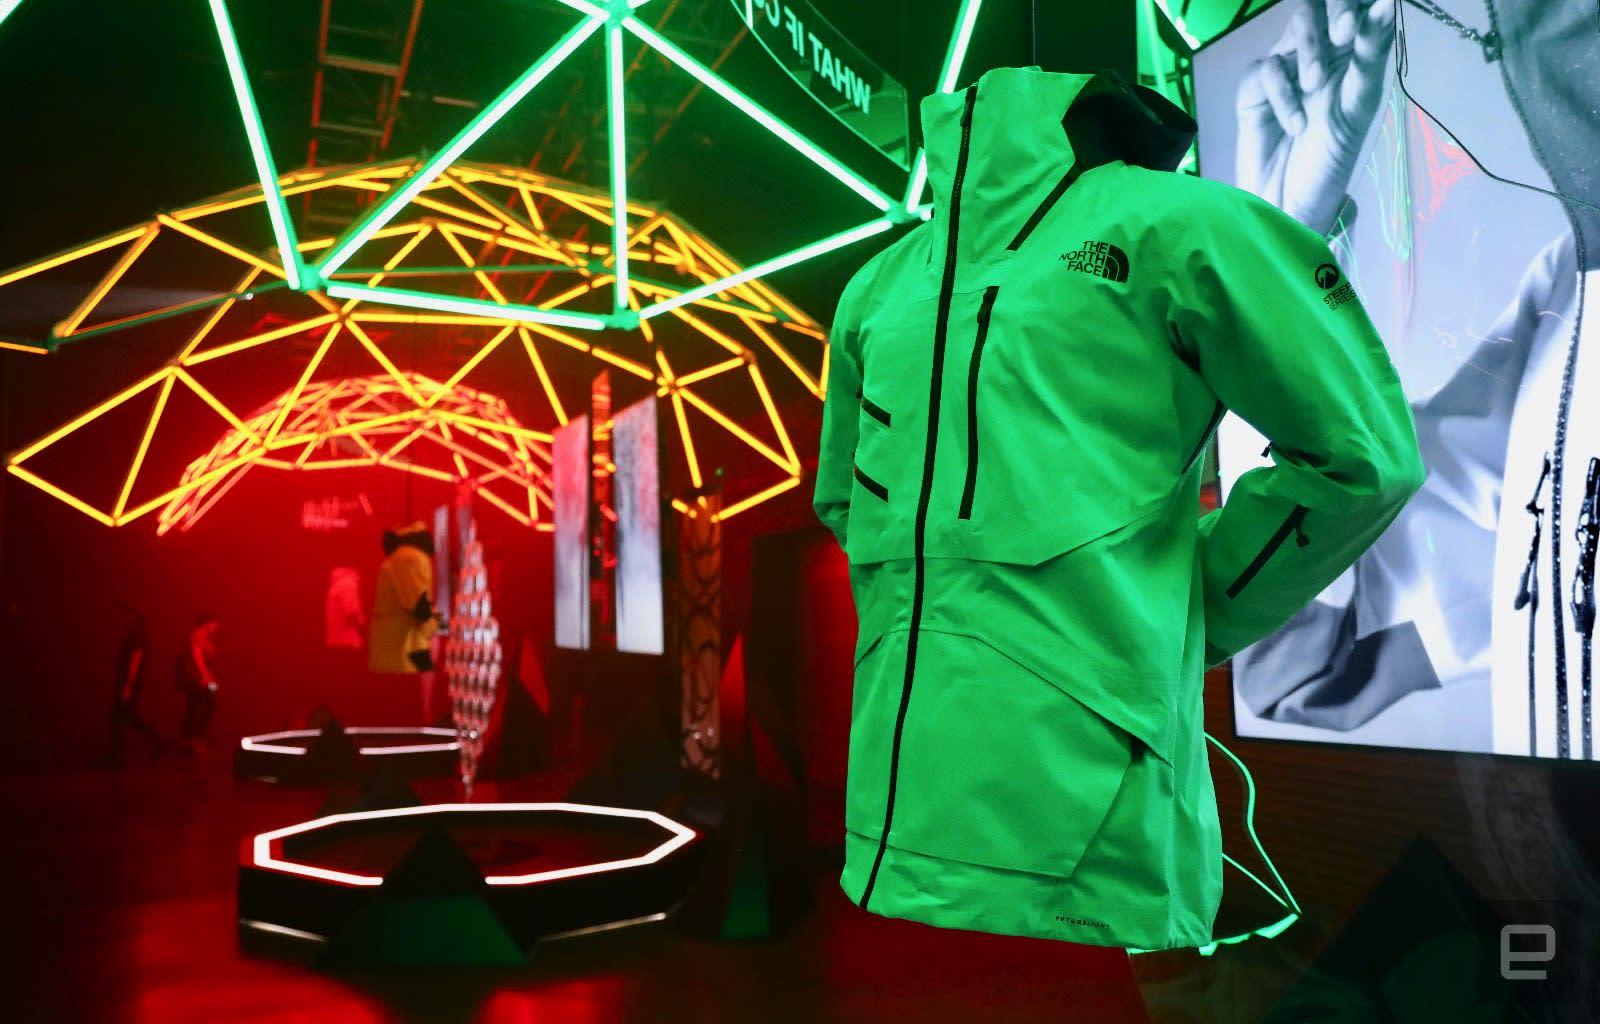 North Face'in yüksek teknolojili Futurelight ceketleri sonunda burada | Engadget